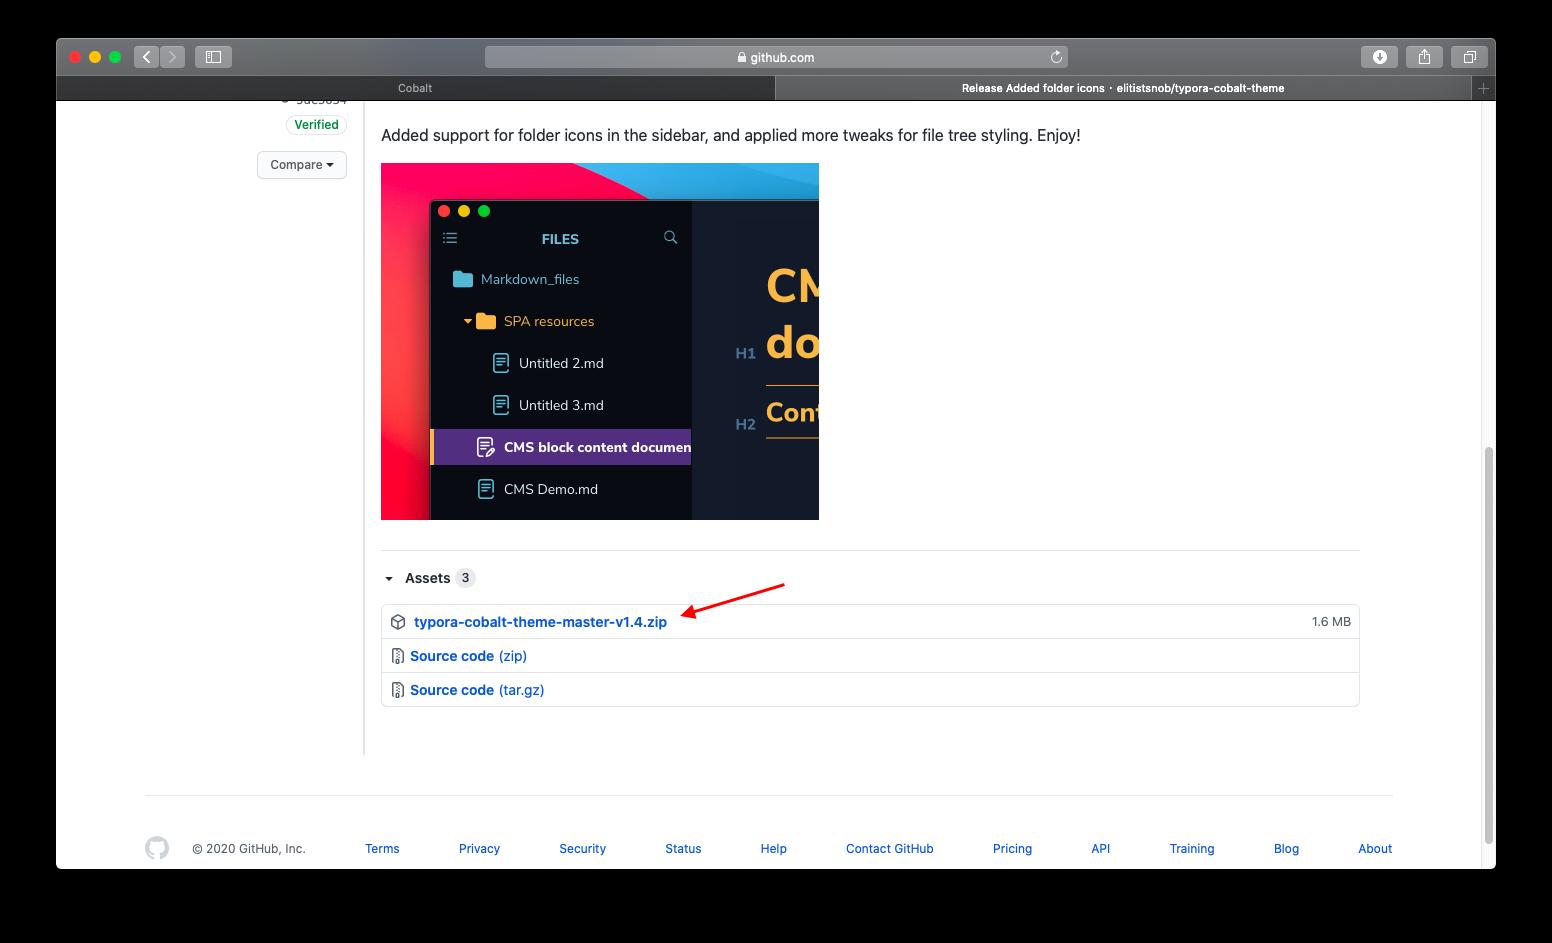 跳转到GitHub